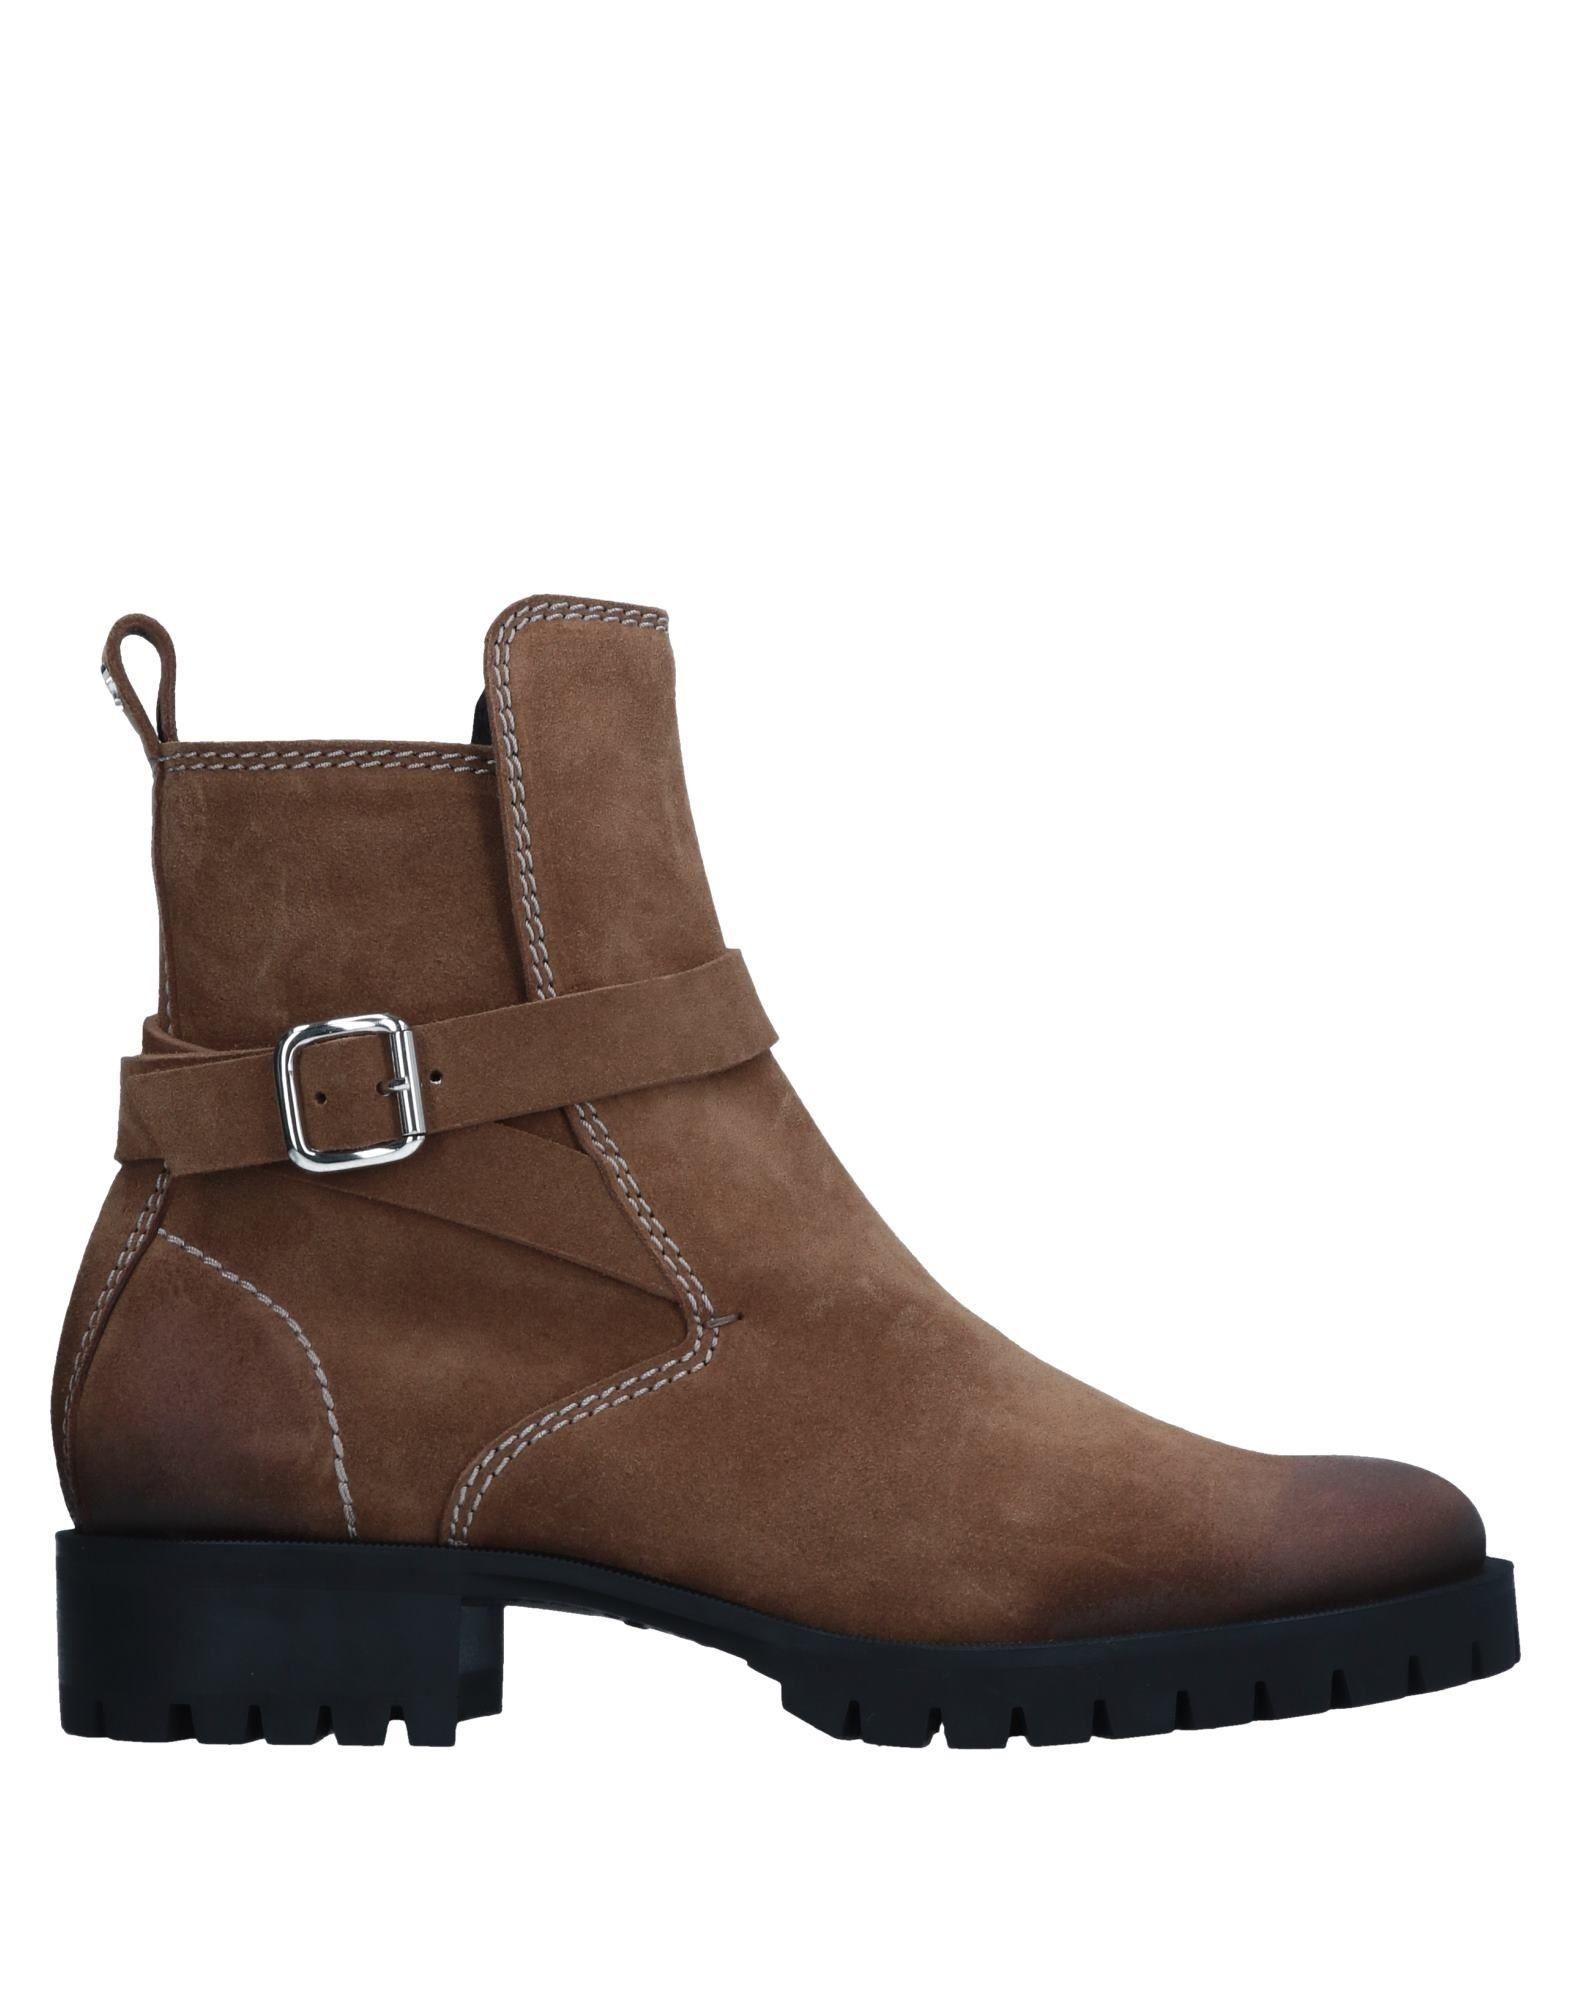 Dsquared2 Boots Boots - Men Dsquared2 Boots Dsquared2 online on  Australia - 11553909TJ df35ad